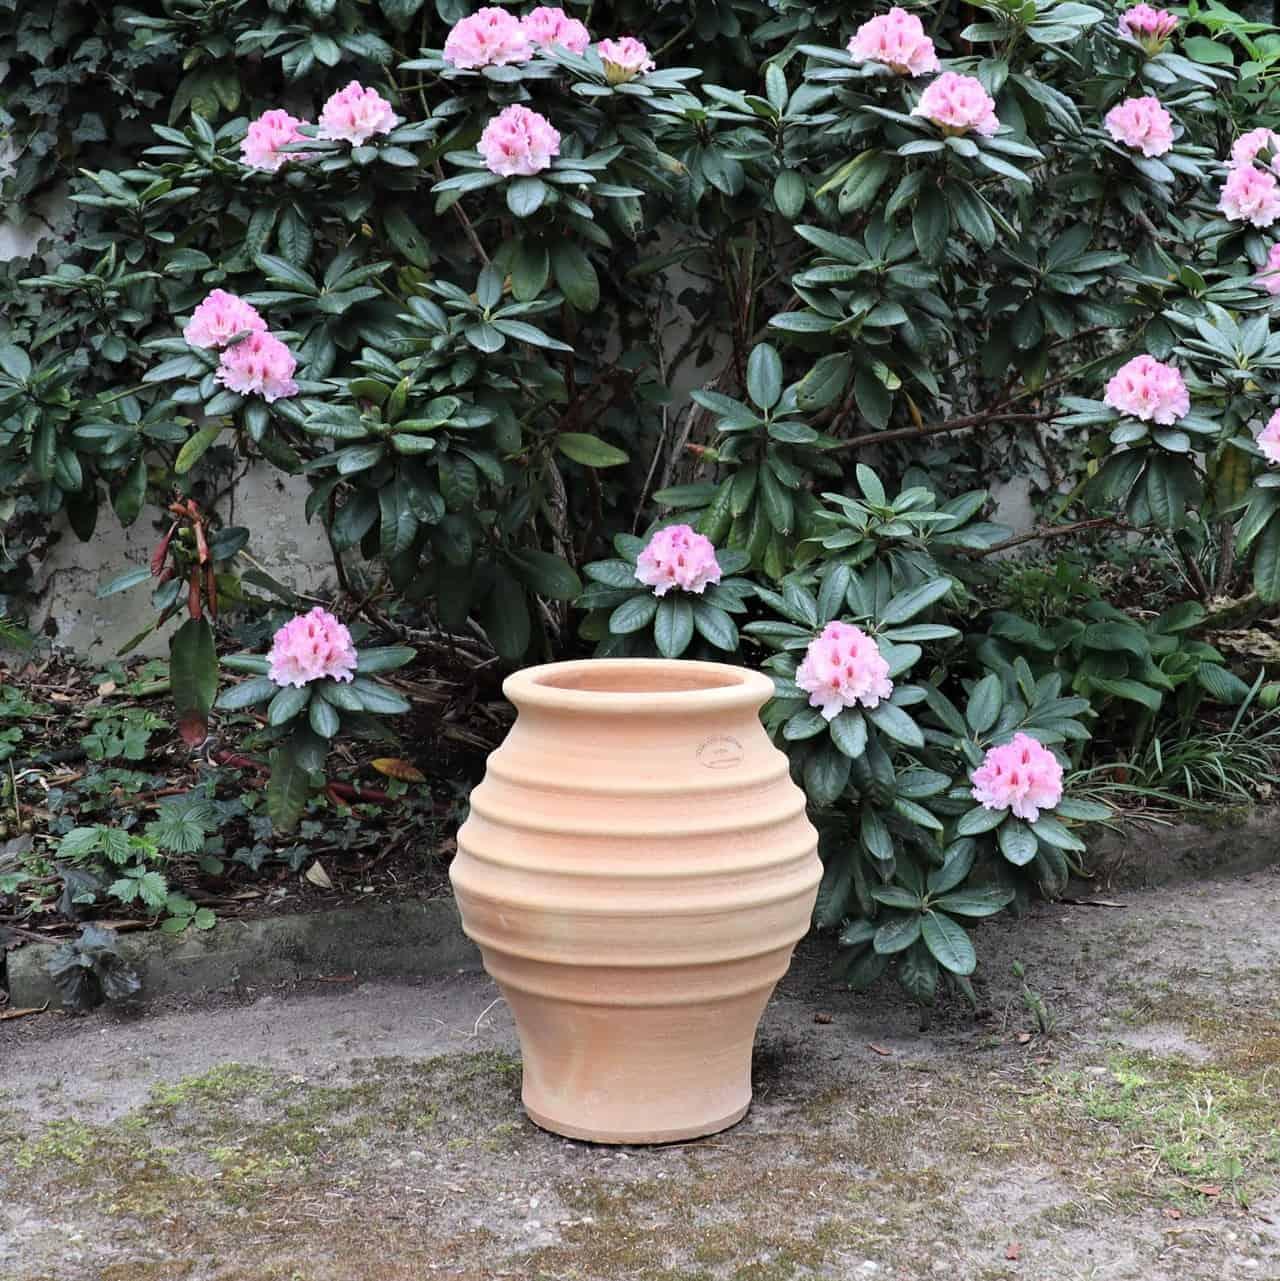 frostsichere terracotta Amphore Agave Garten